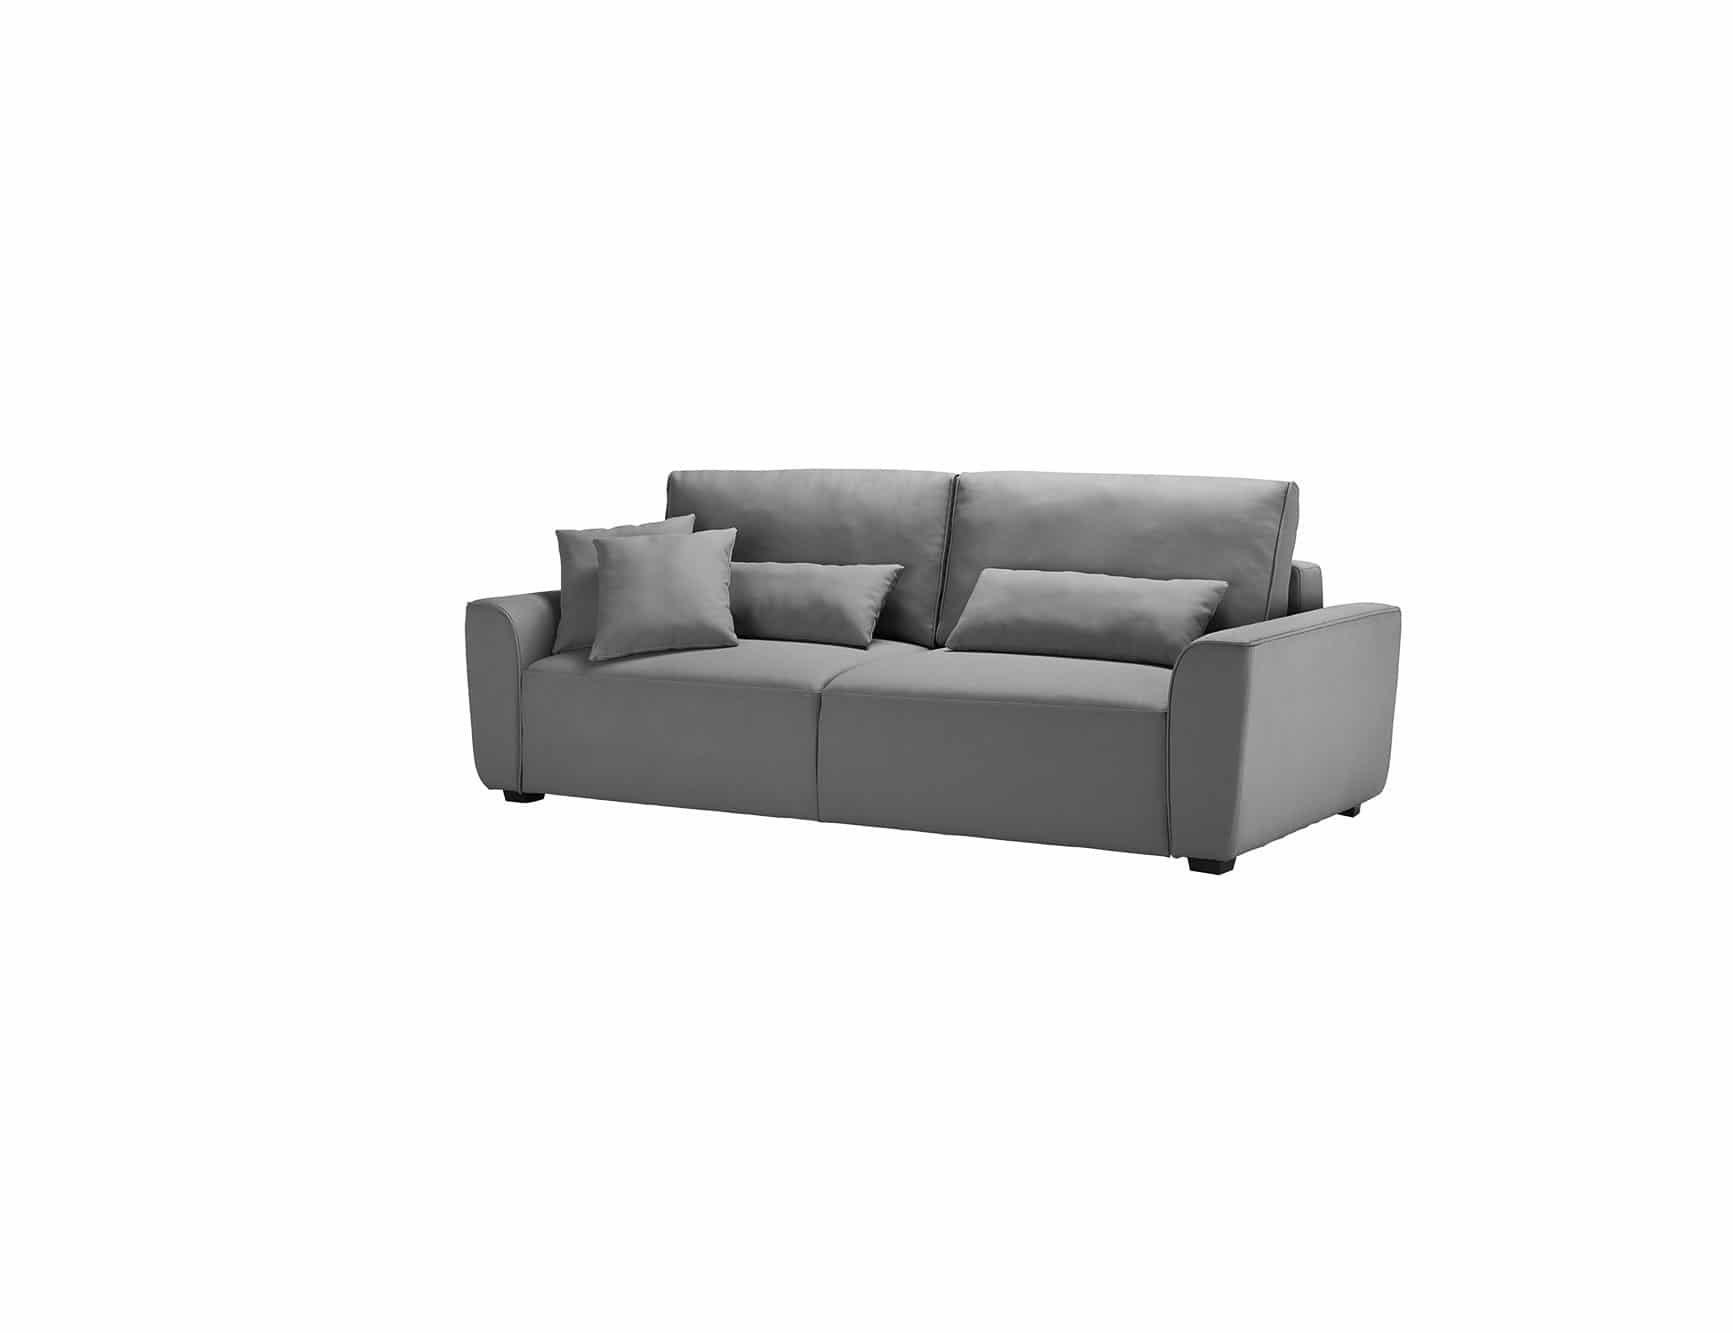 Cloud Modern Queen Sofa Bed Sleeper Expand Furniture In 2020 Sofa Bed Sleeper Sofa Sofa Bed